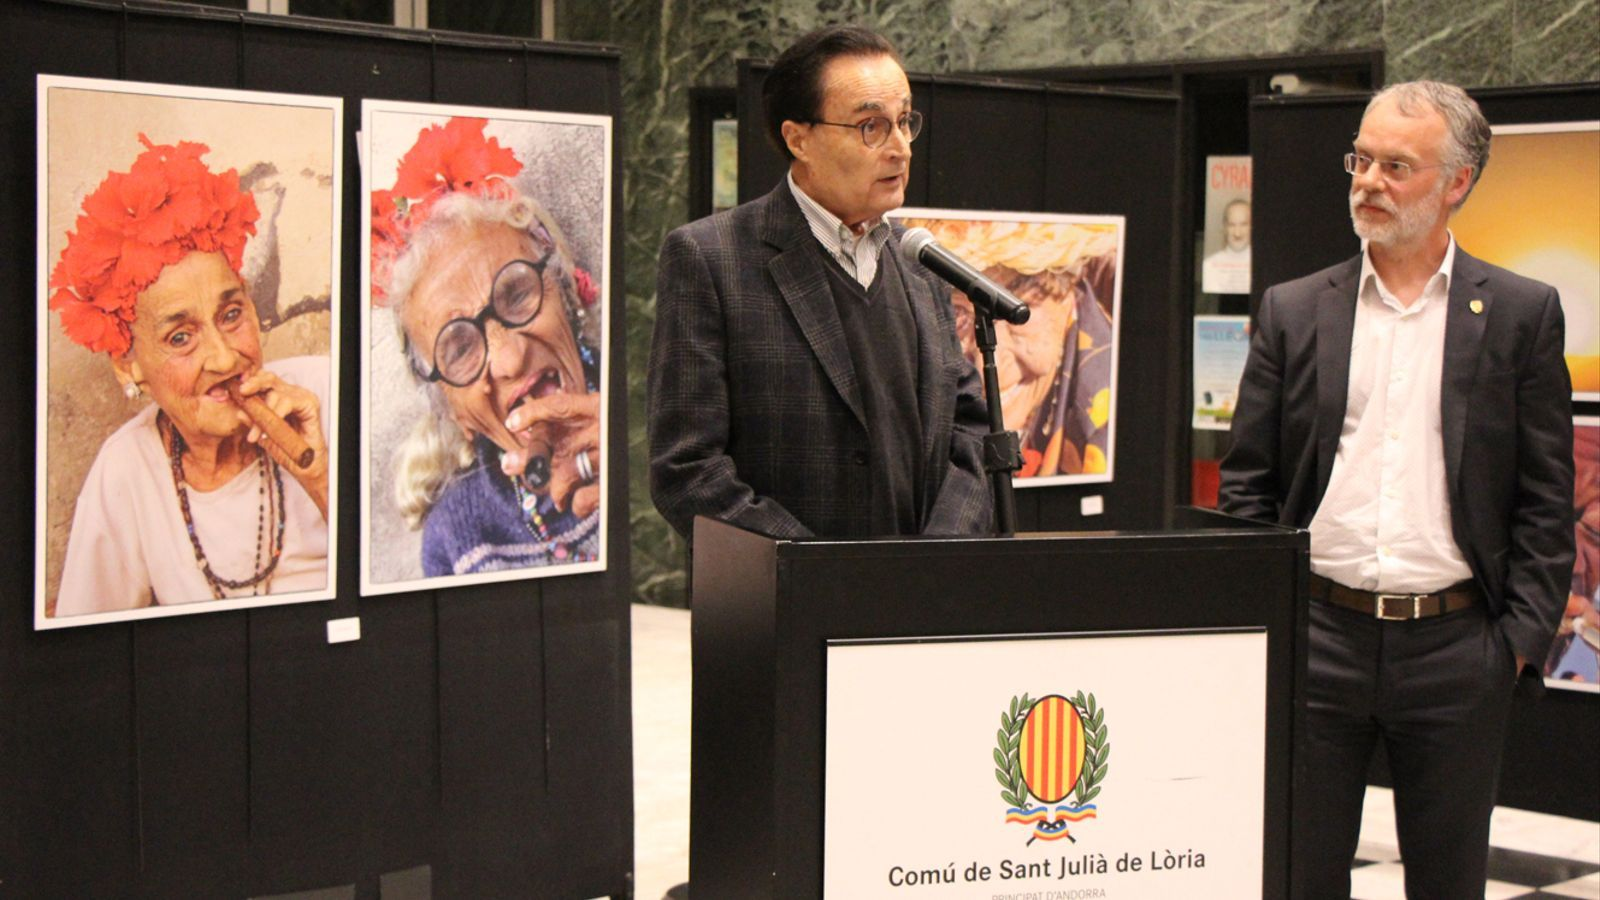 El president de la Federació Andorrana de Fotografia, Joan Burgués, i el conseller de Cultura del comú de Sant Julià de Lòria, Josep Roig, durant la inauguració de la mostra. / E. J. M. (ANA)